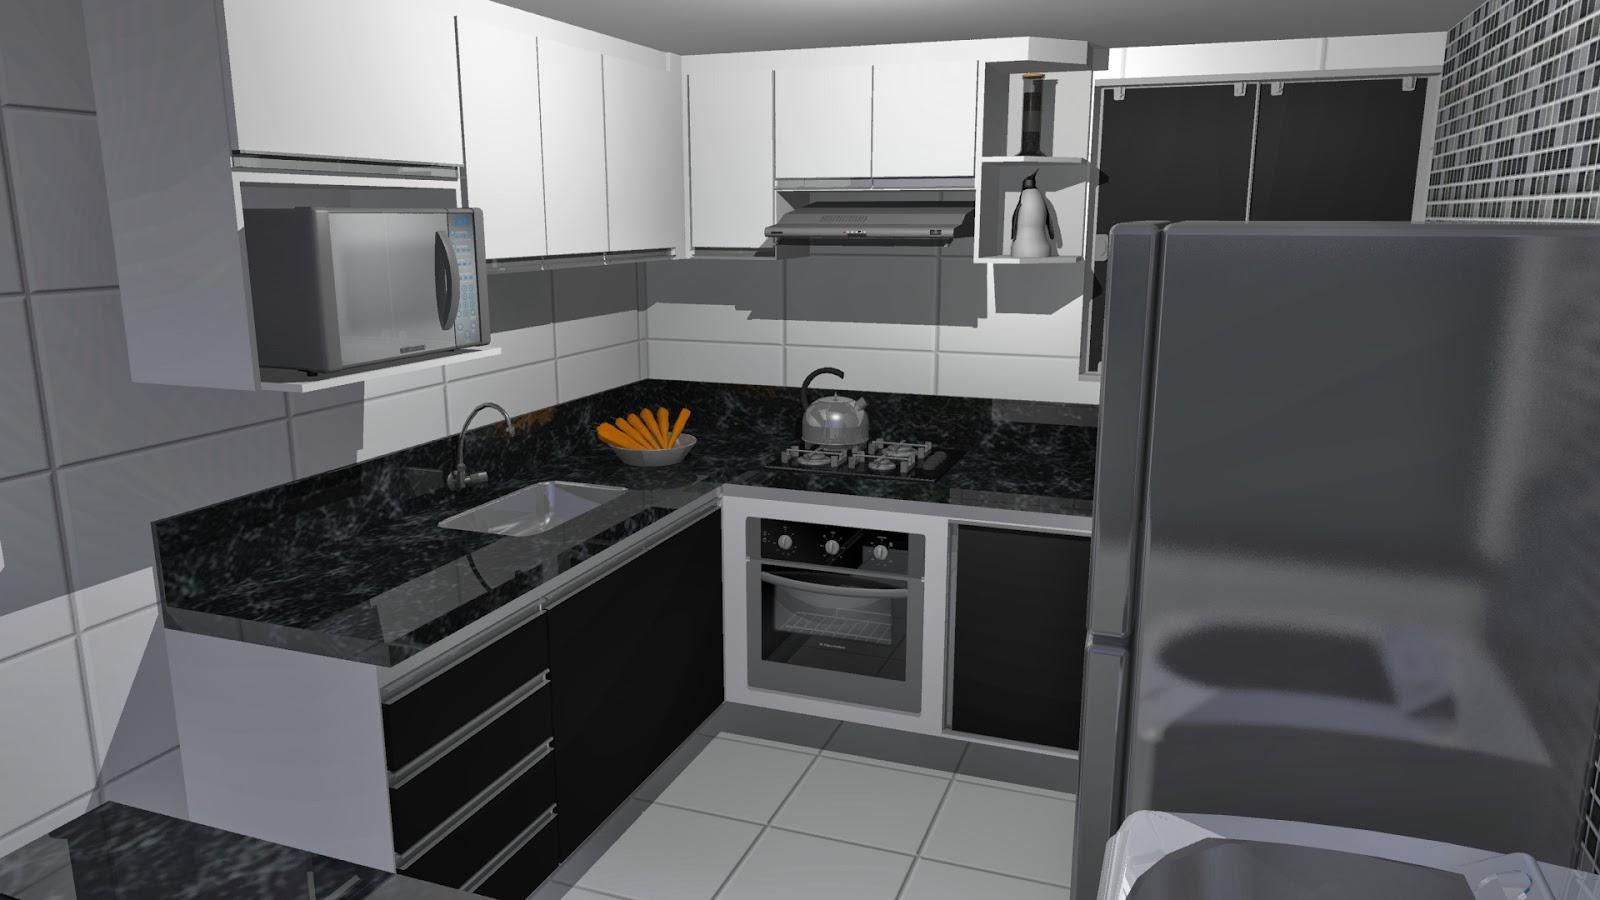 #794910  Campi Designer de interiores: Projeto Cozinha tipo Americana 1600x900 px Projetos De Cozinhas Brastemp #439 imagens